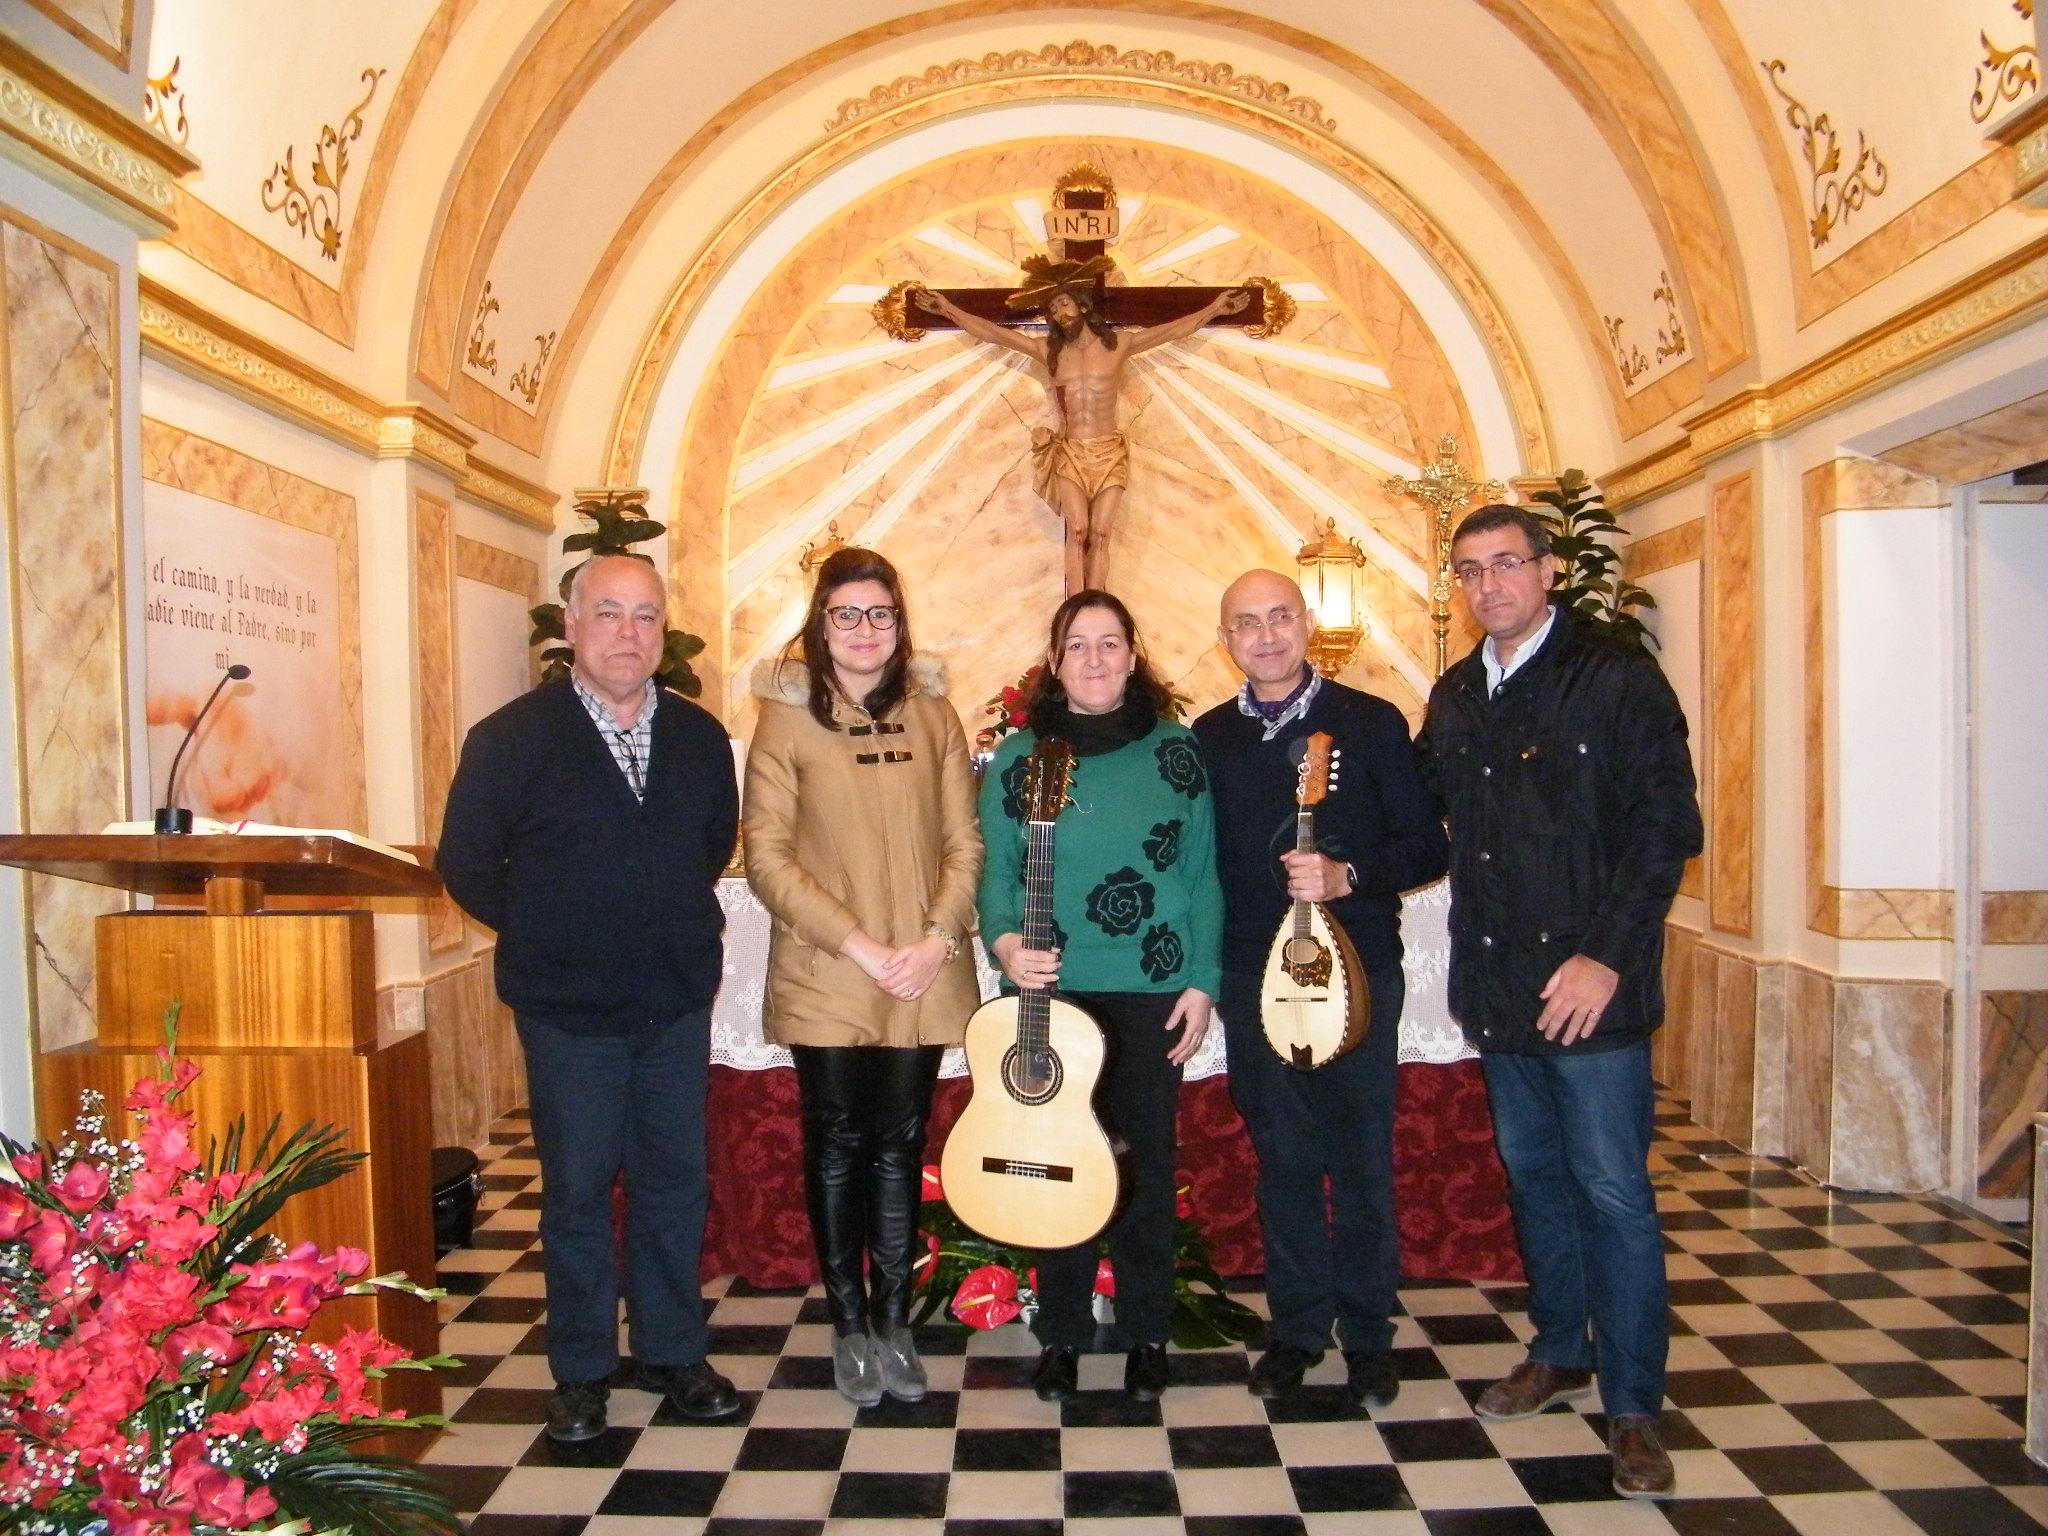 ElCristo - Actos - Actuación Musical Solidaria - Grupo Madrigal - (2016-01-29) - Gabriel Segura (17)